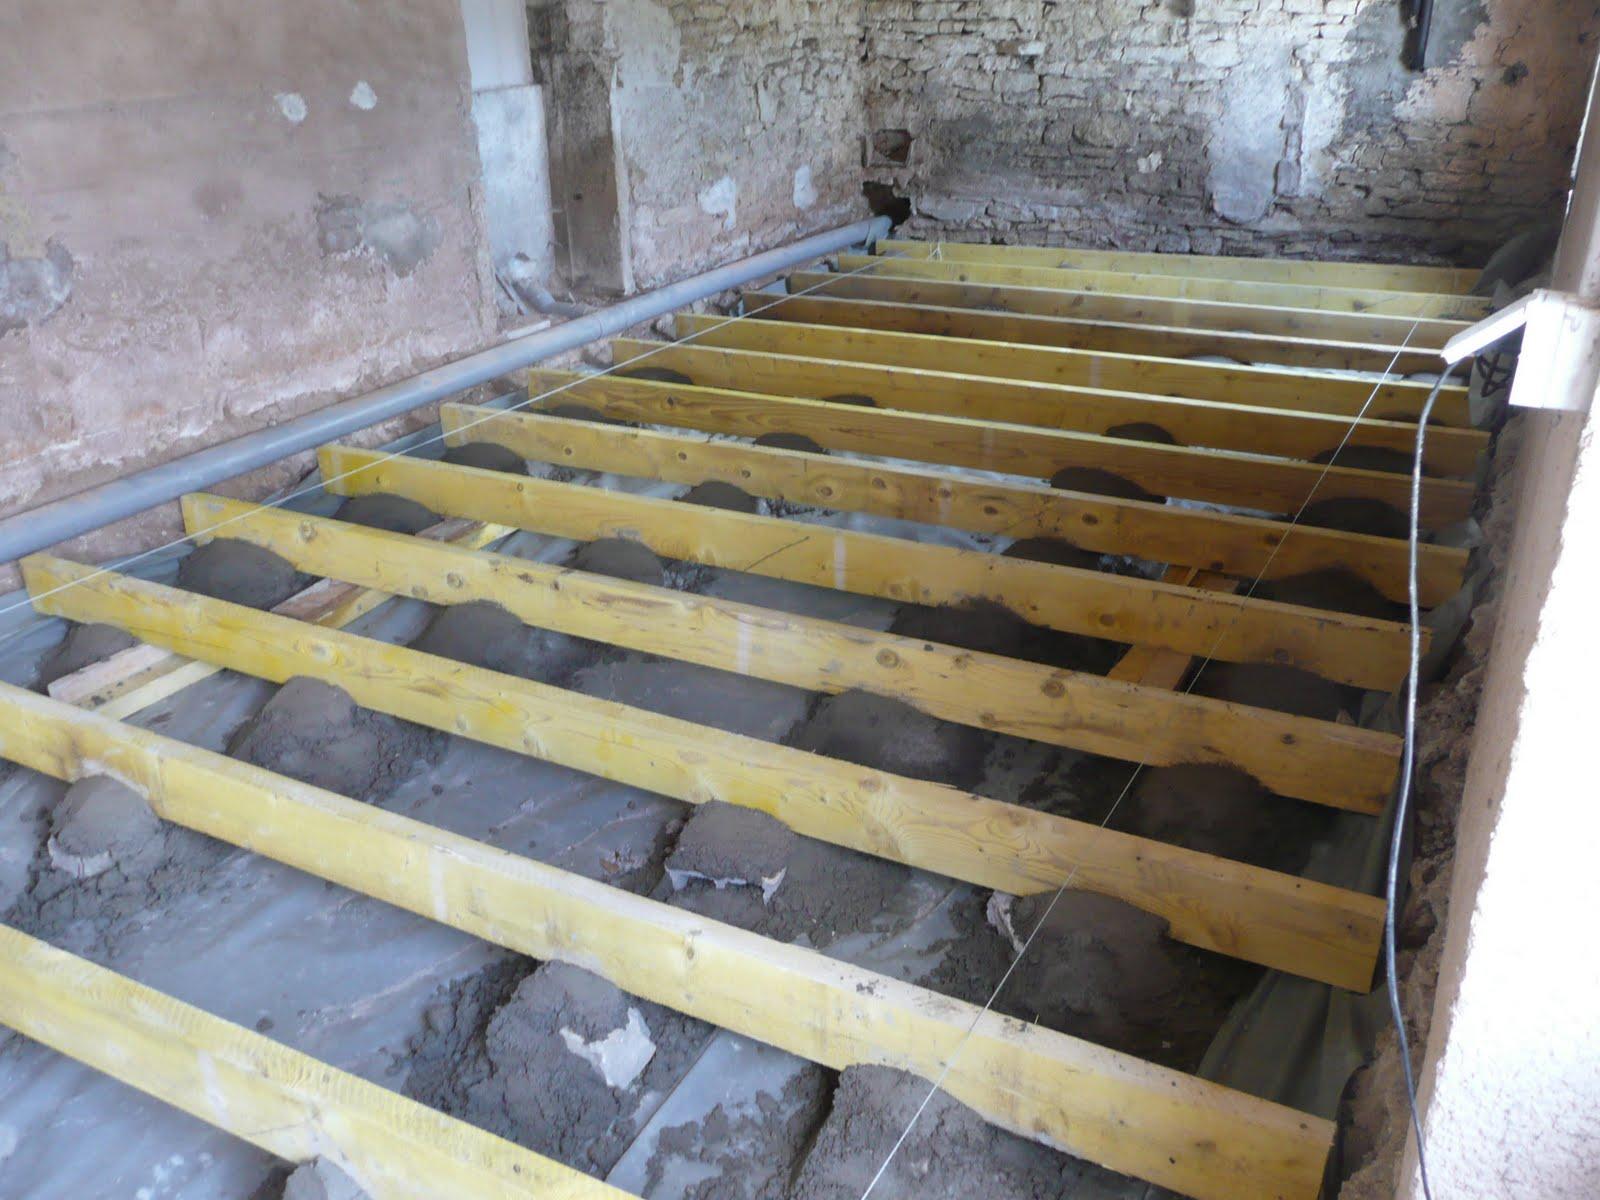 Vloer houten balk houten balken vloer huis decoreren ideeën huis